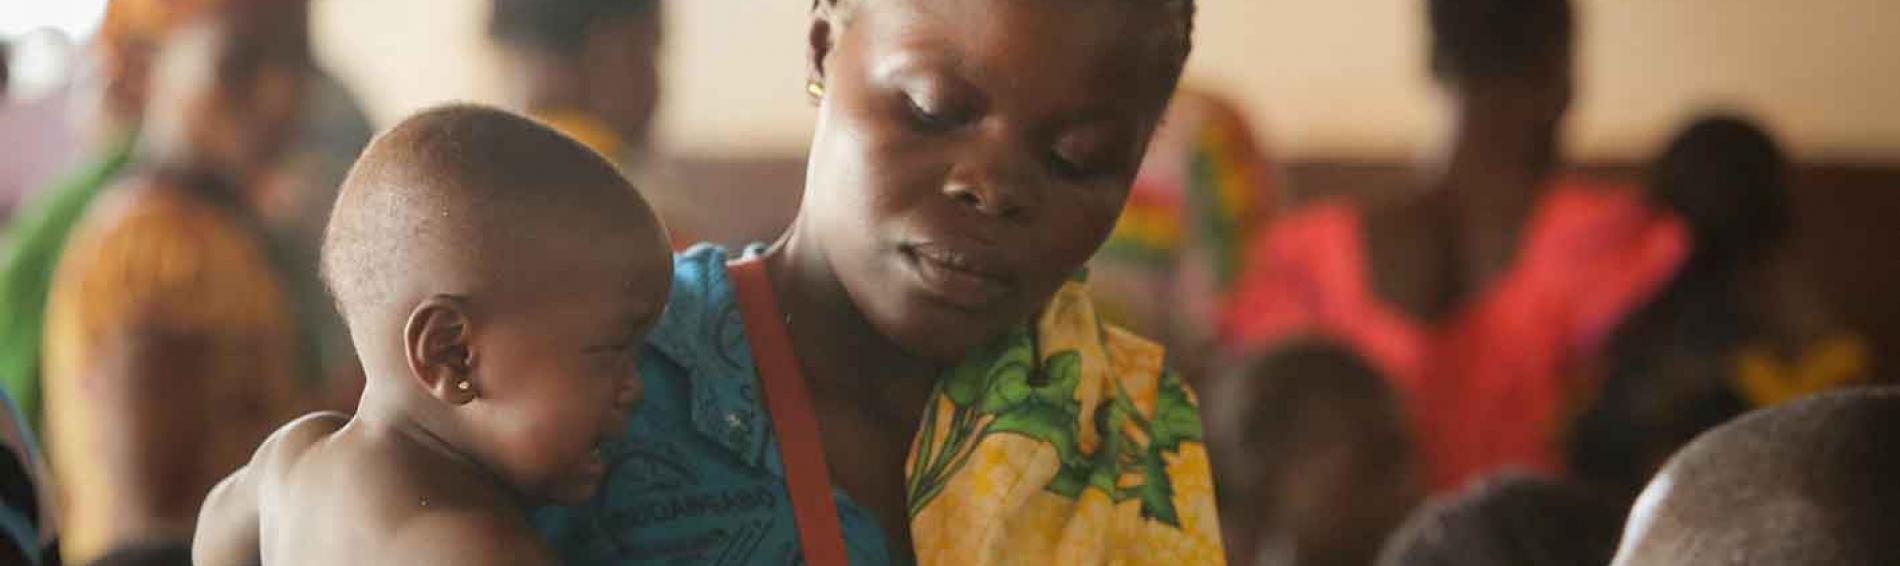 Untersuchung eines Kindes In der Klinik Gobongo. Foto: Sébastien Duijndam.